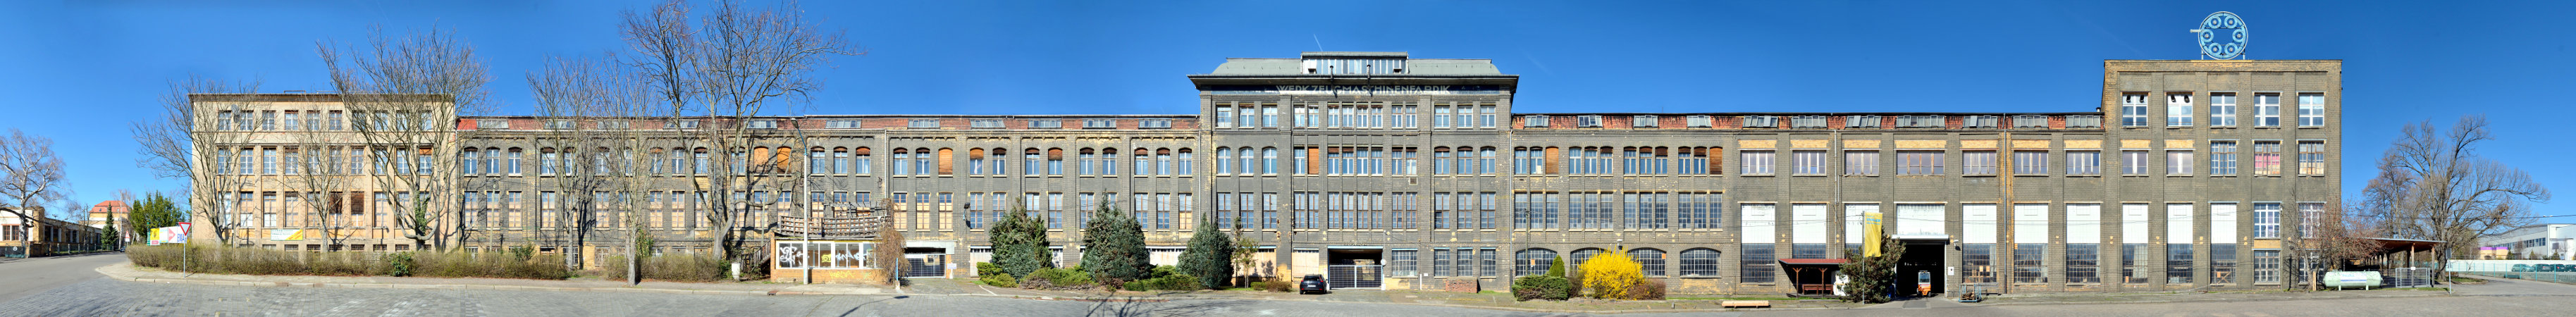 Pittler-Werke | industrial architecture